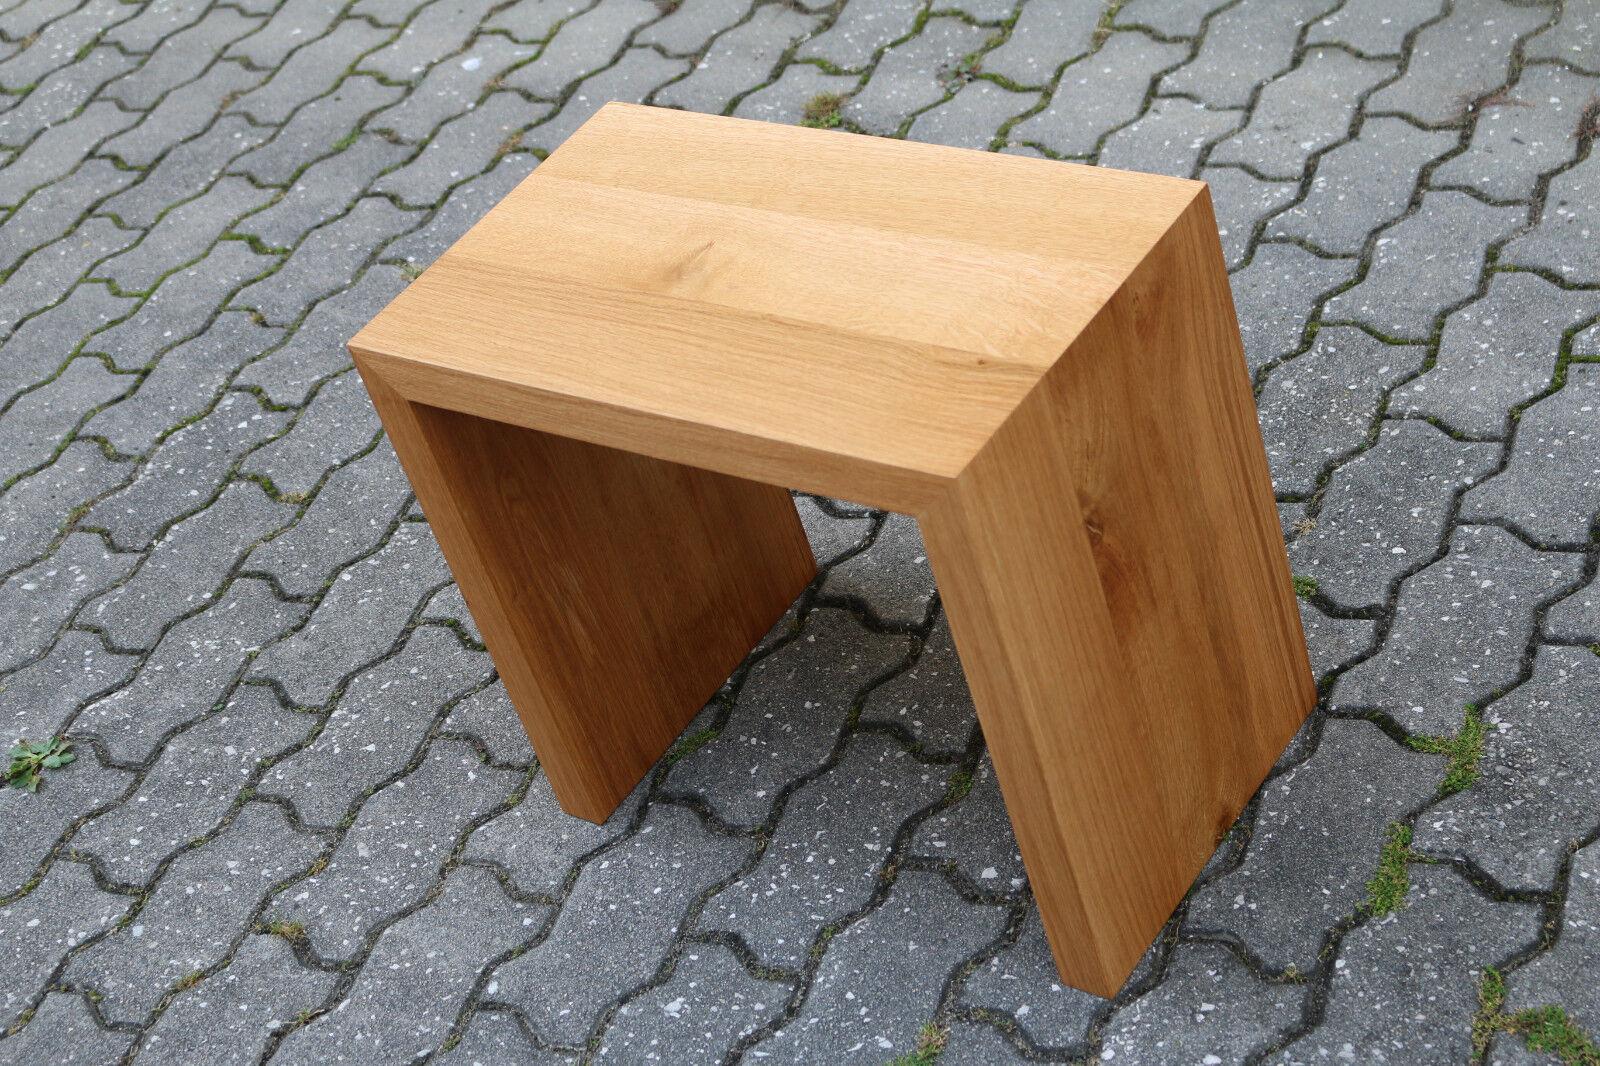 designer hocker aus eiche massiv holz sitzhocker neu stuhl sitzbank couchtisch chf. Black Bedroom Furniture Sets. Home Design Ideas